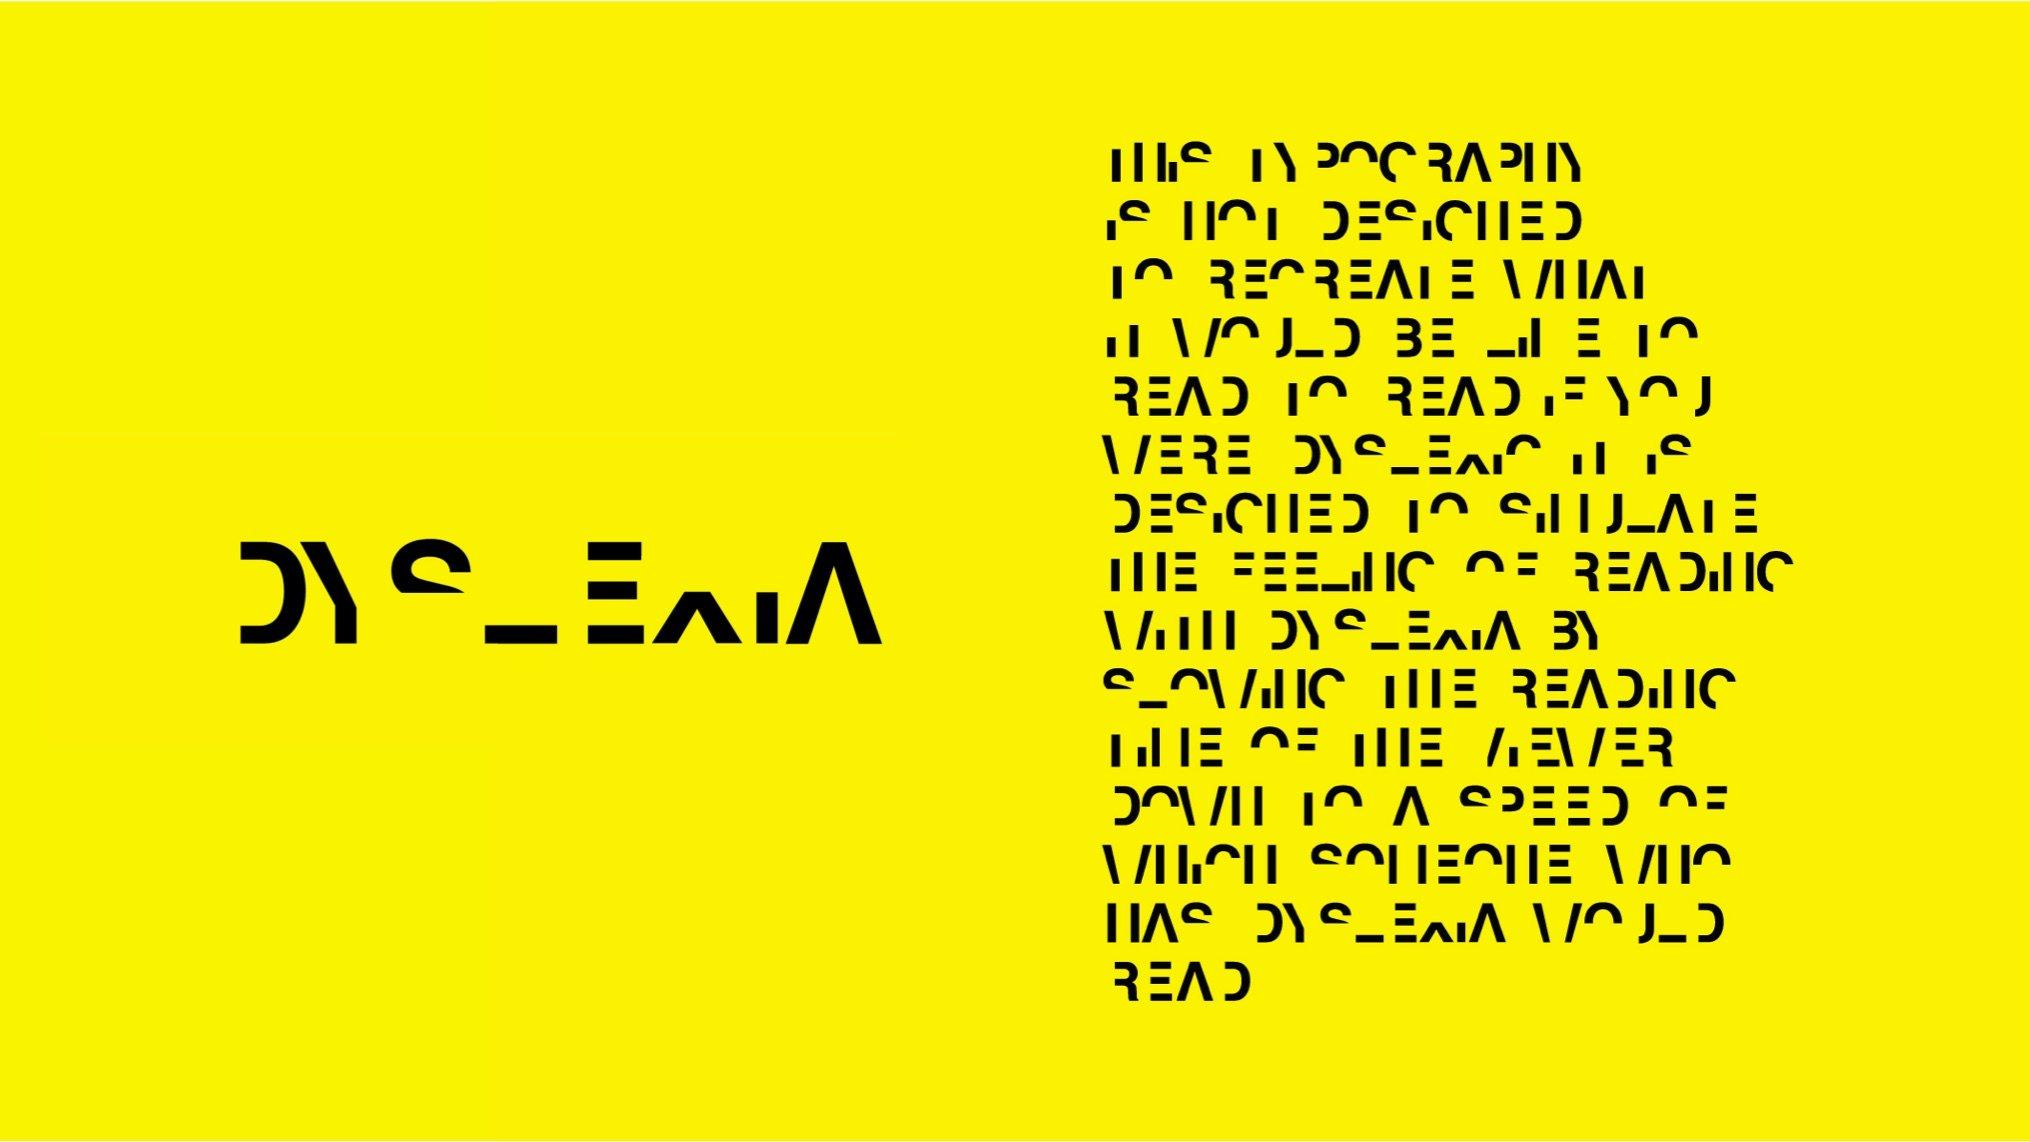 D_Extensis-Futura-Blog-img-03-1